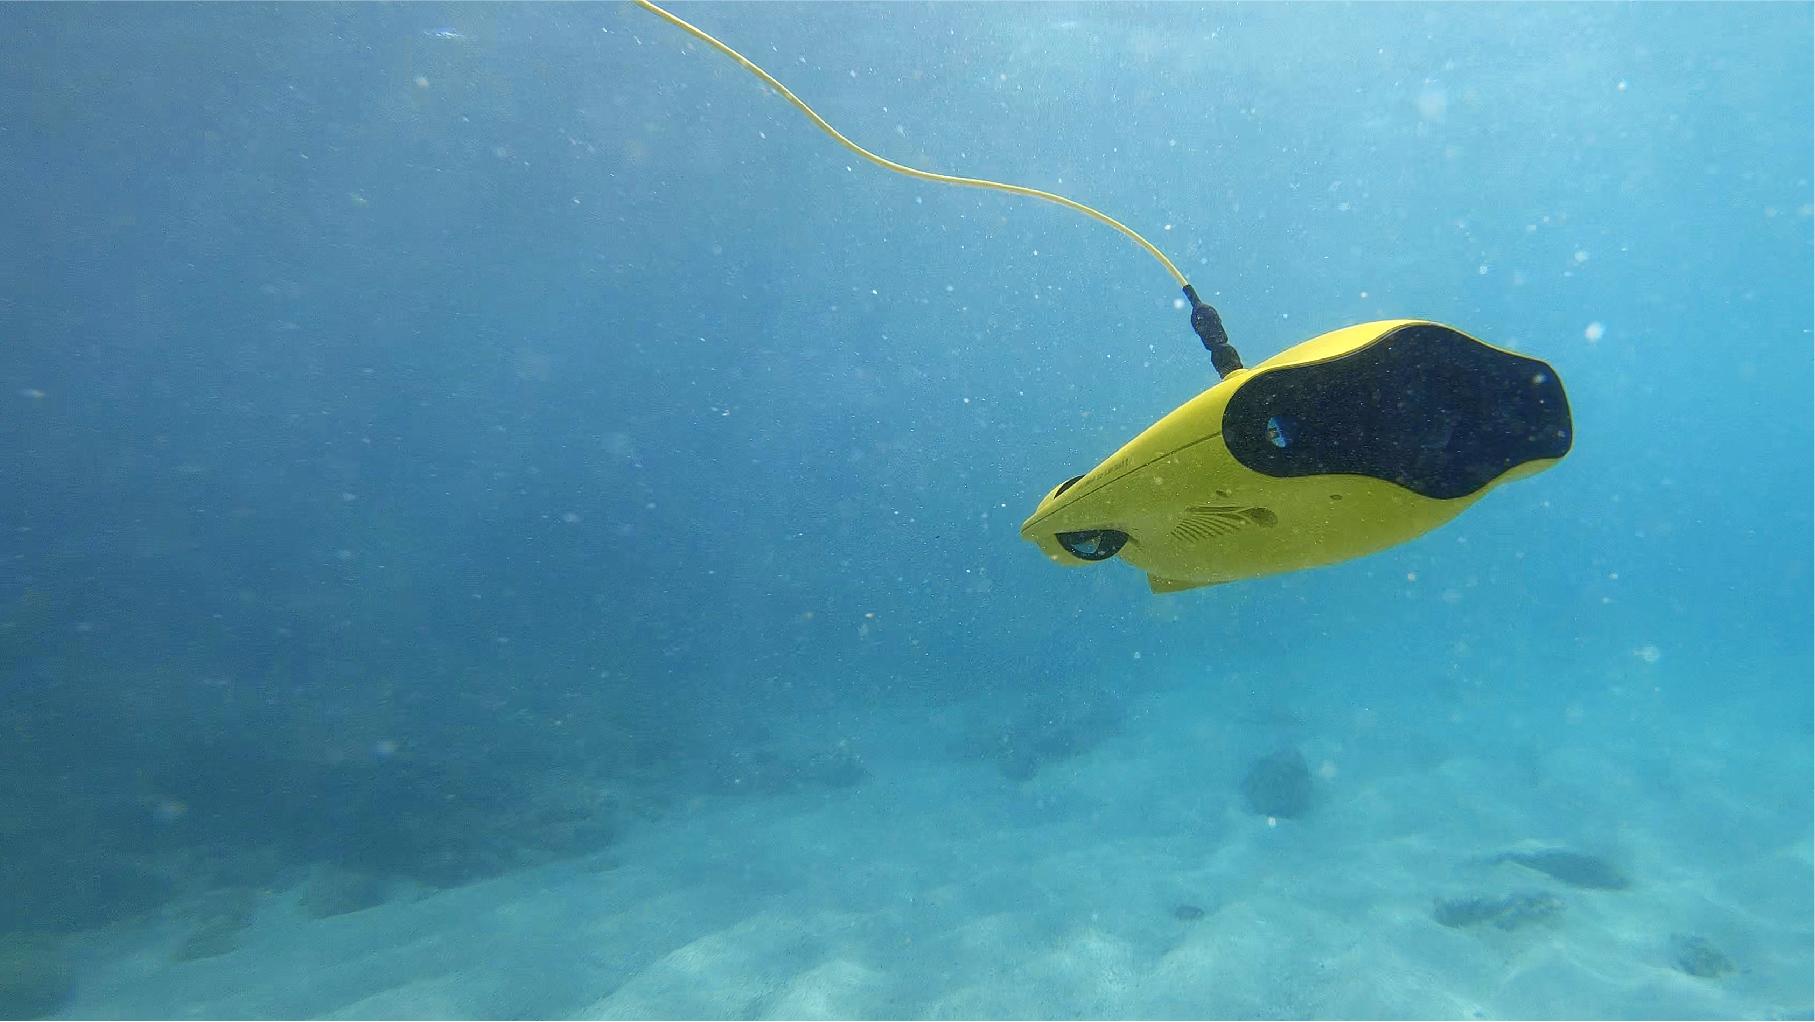 水中ドローンスクール 水中ドローン安全潜航操縦士講習